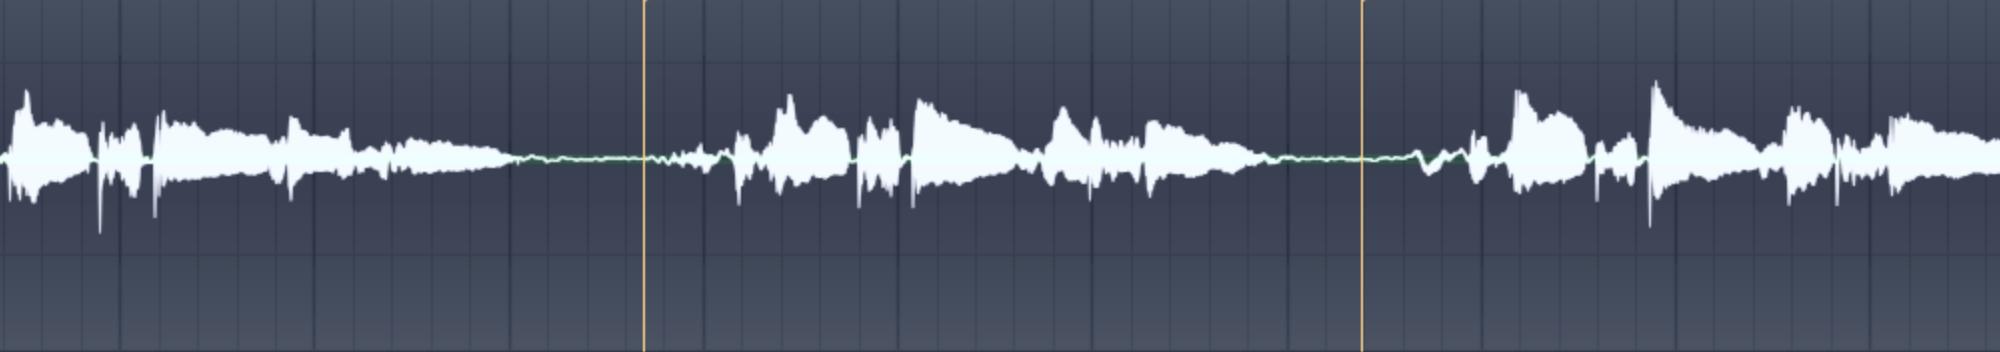 Sampling-Audio-Screenshot